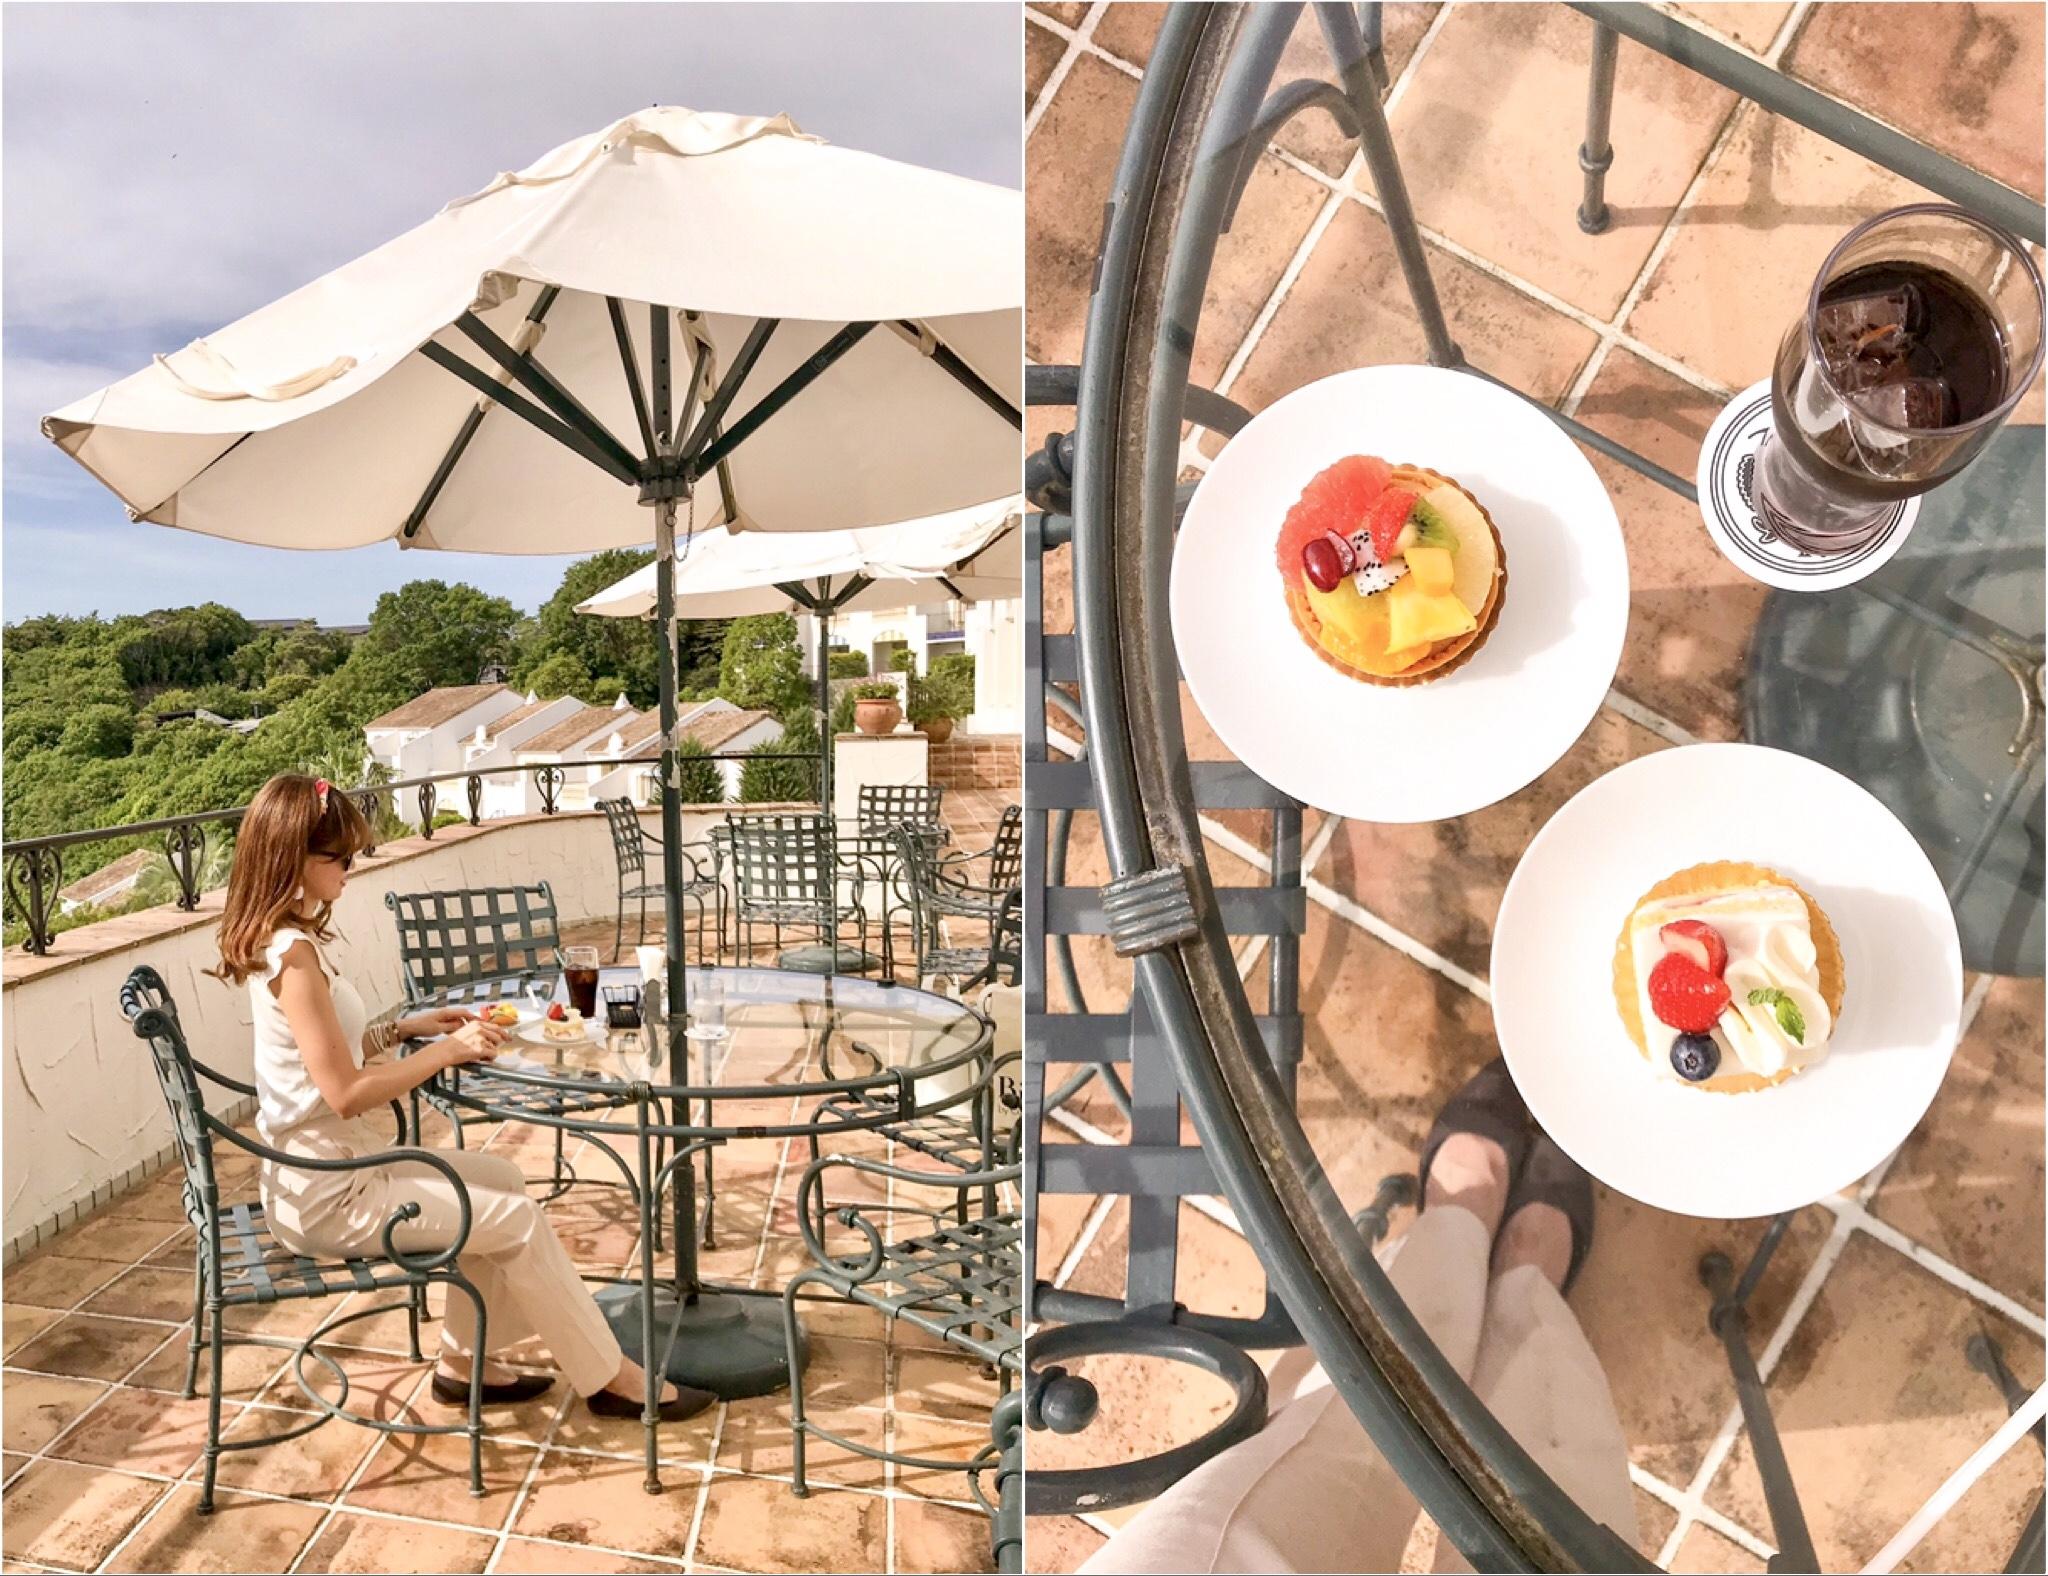 三重のおしゃれホテル『都リゾート 志摩 ベイサイドテラス』にステイ! ナイトプールや絶品料理、充実のアメニティにうっとり♡_8